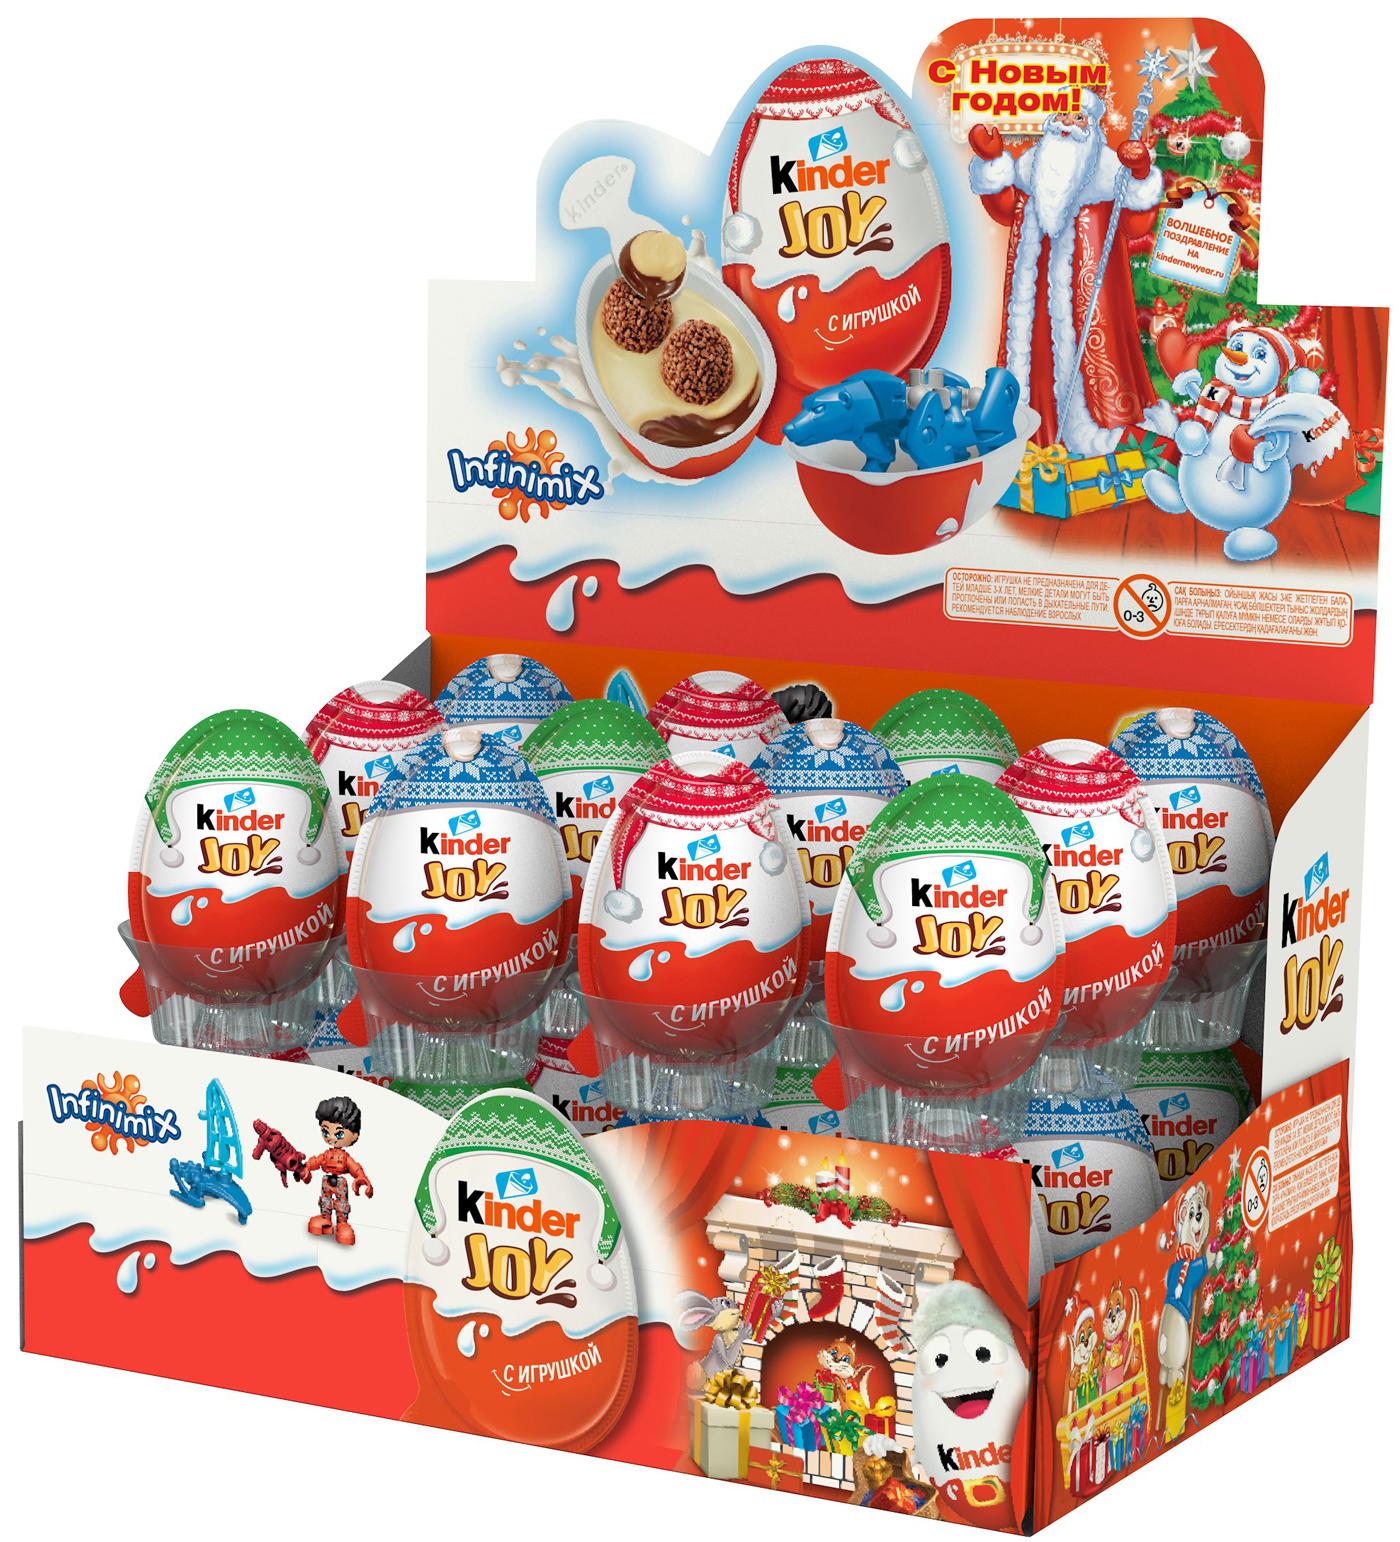 Фото - Десерты Kinder Kinder Joy «Новый год» 20 г шоколадное яйцо kinder joy инфинимикс для девочек c игрушкой внутри 24 шт по 21 г